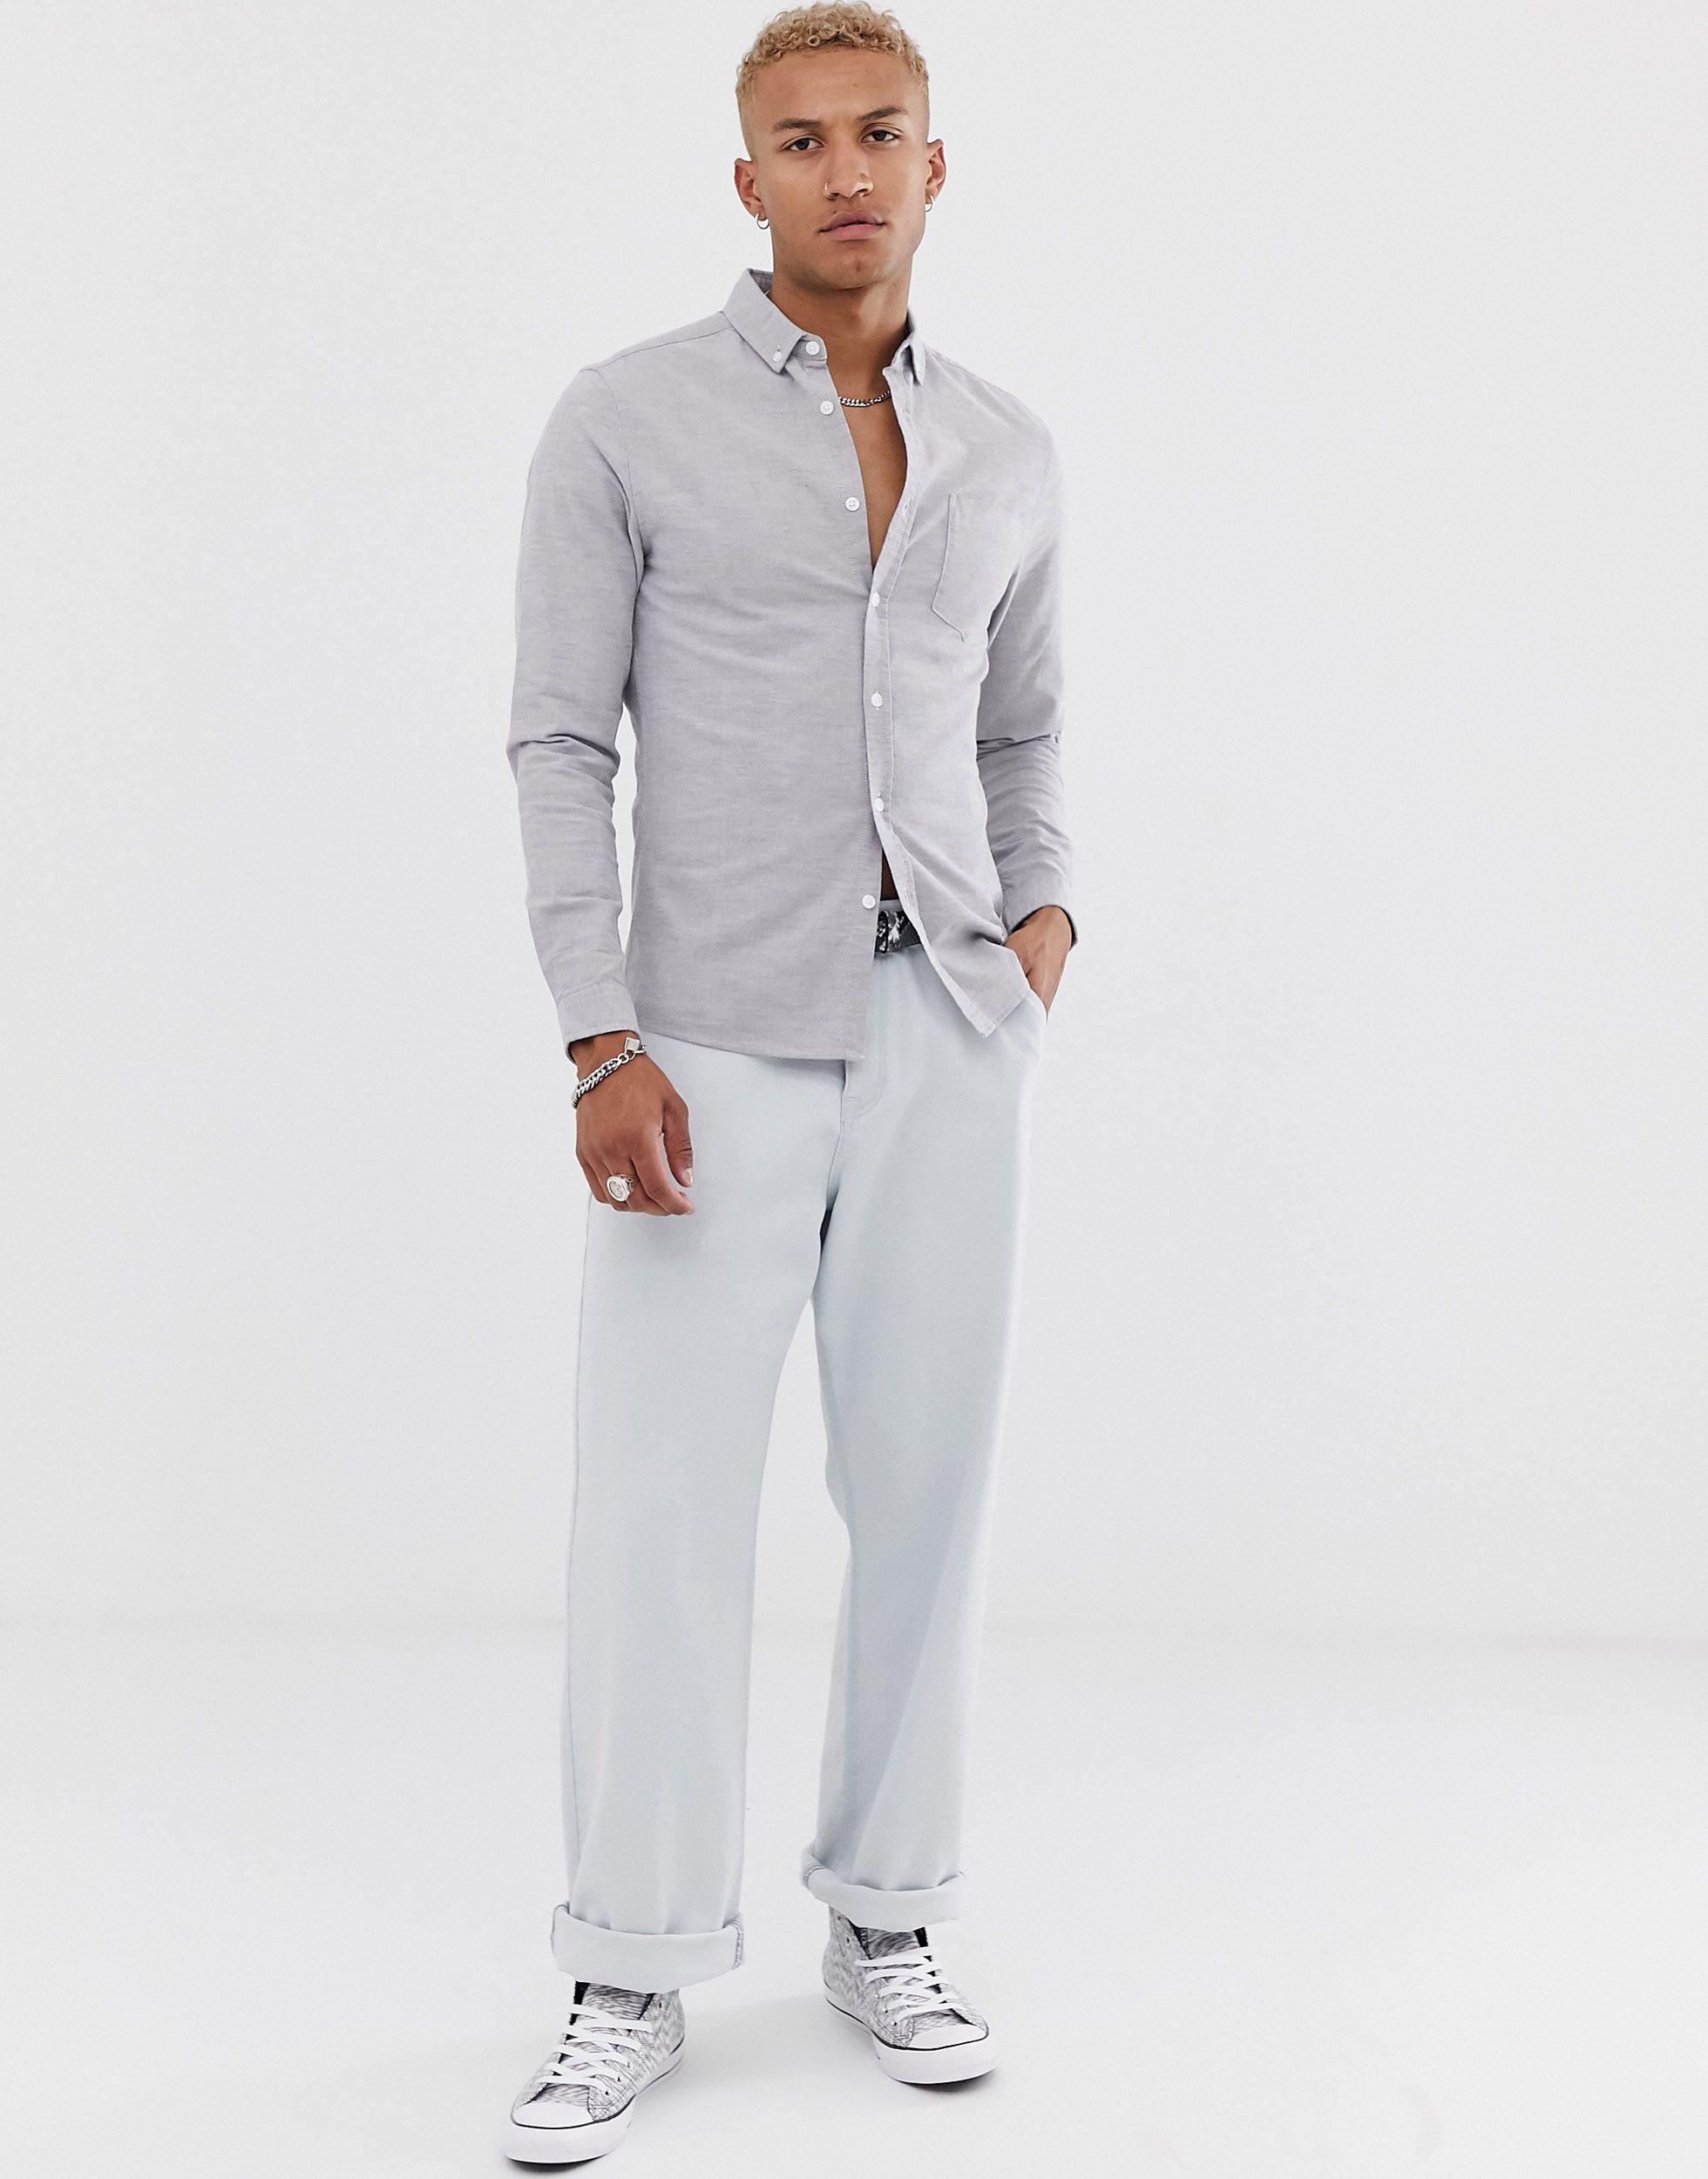 ASOS Katoen Skinny Oxford Overhemd in het Grijs voor heren